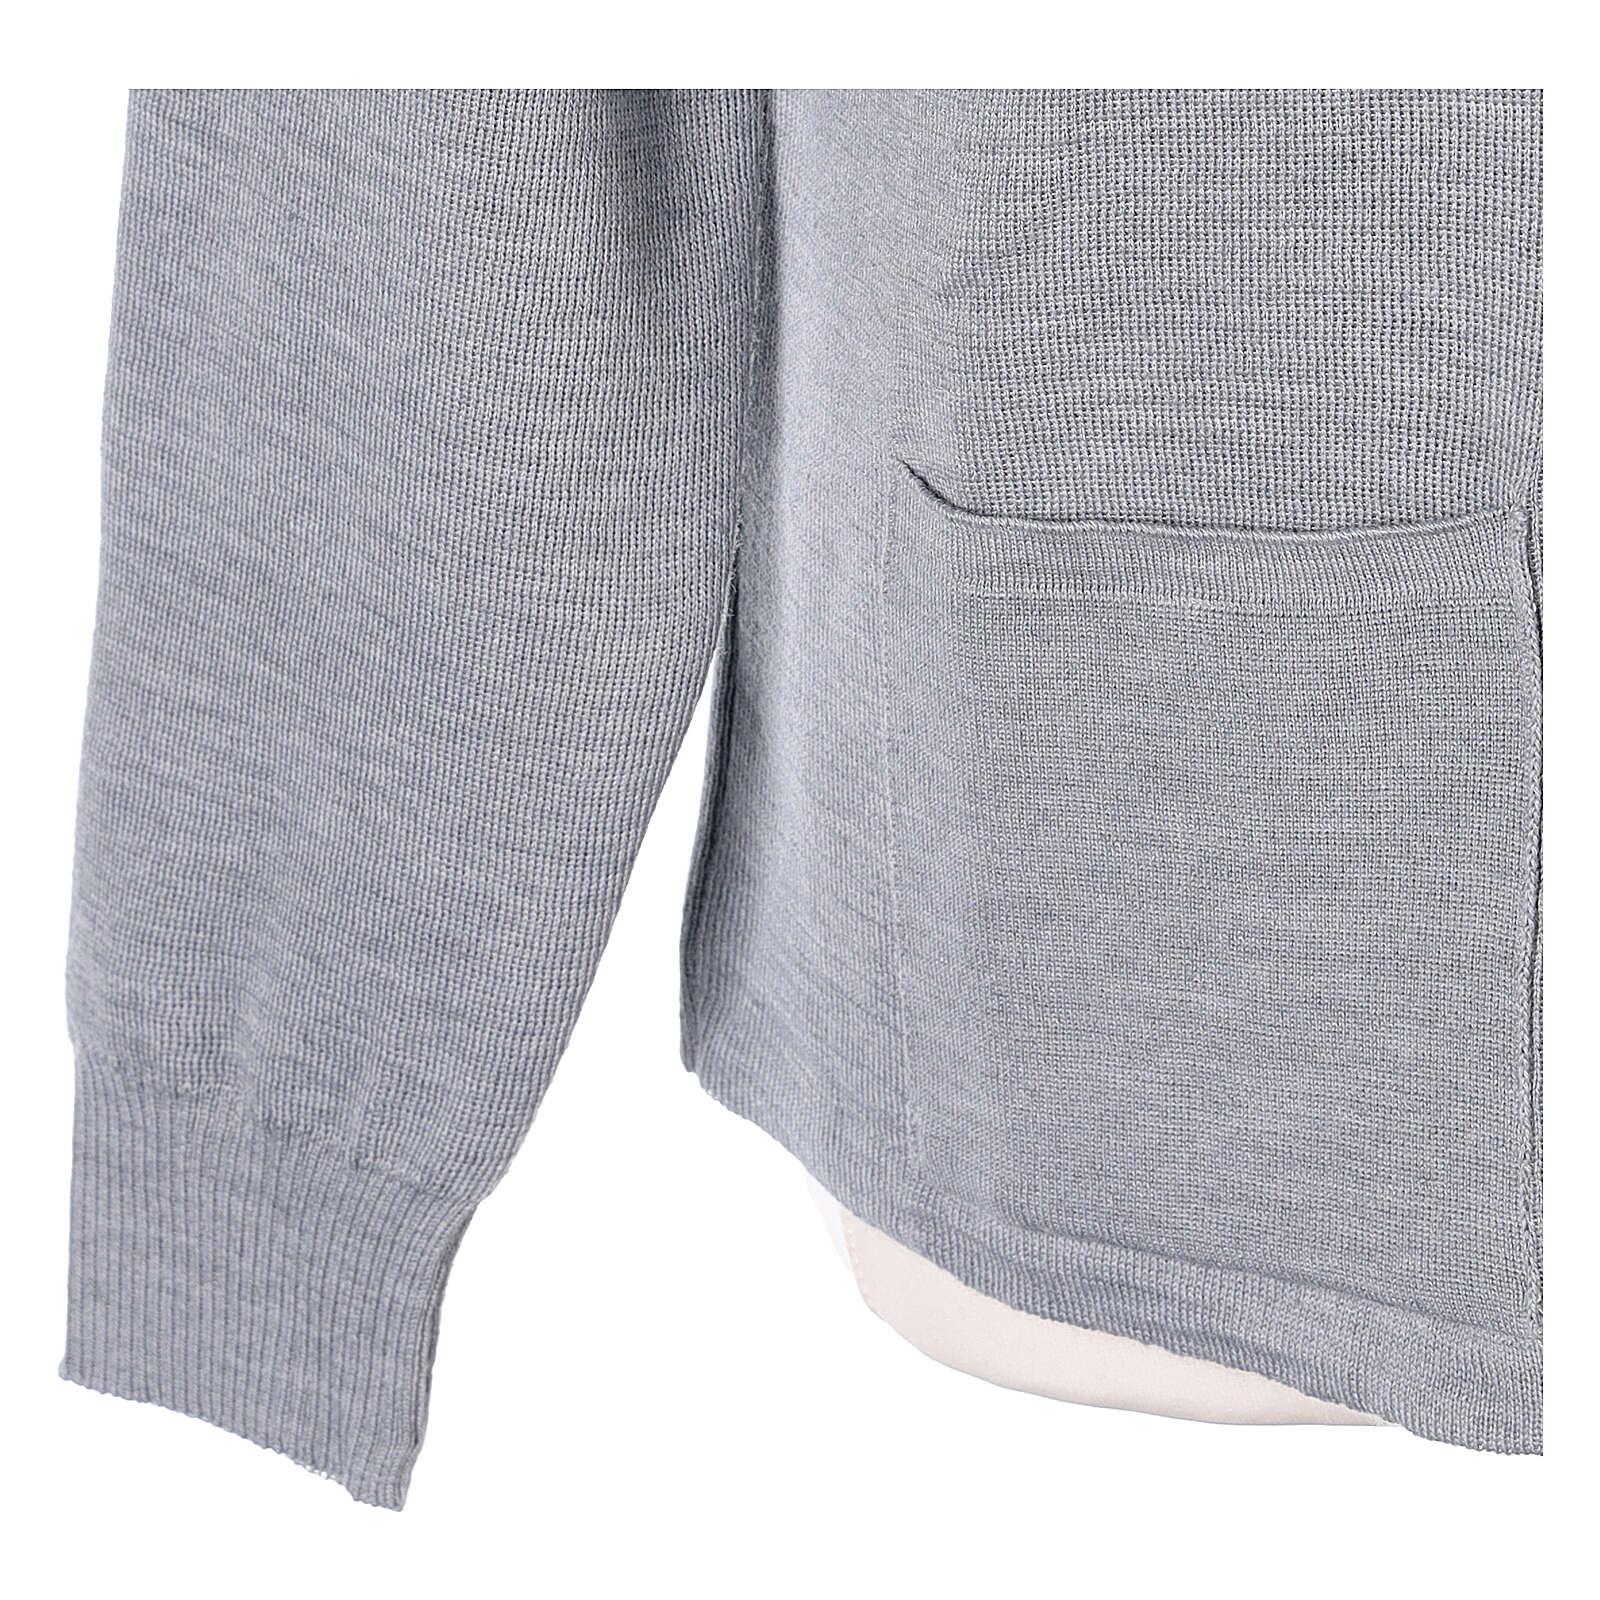 Jacke mit Stehkragen und Reißverschluß, perlgrau, 50% Acryl - 50% Merinowolle, In Primis 4